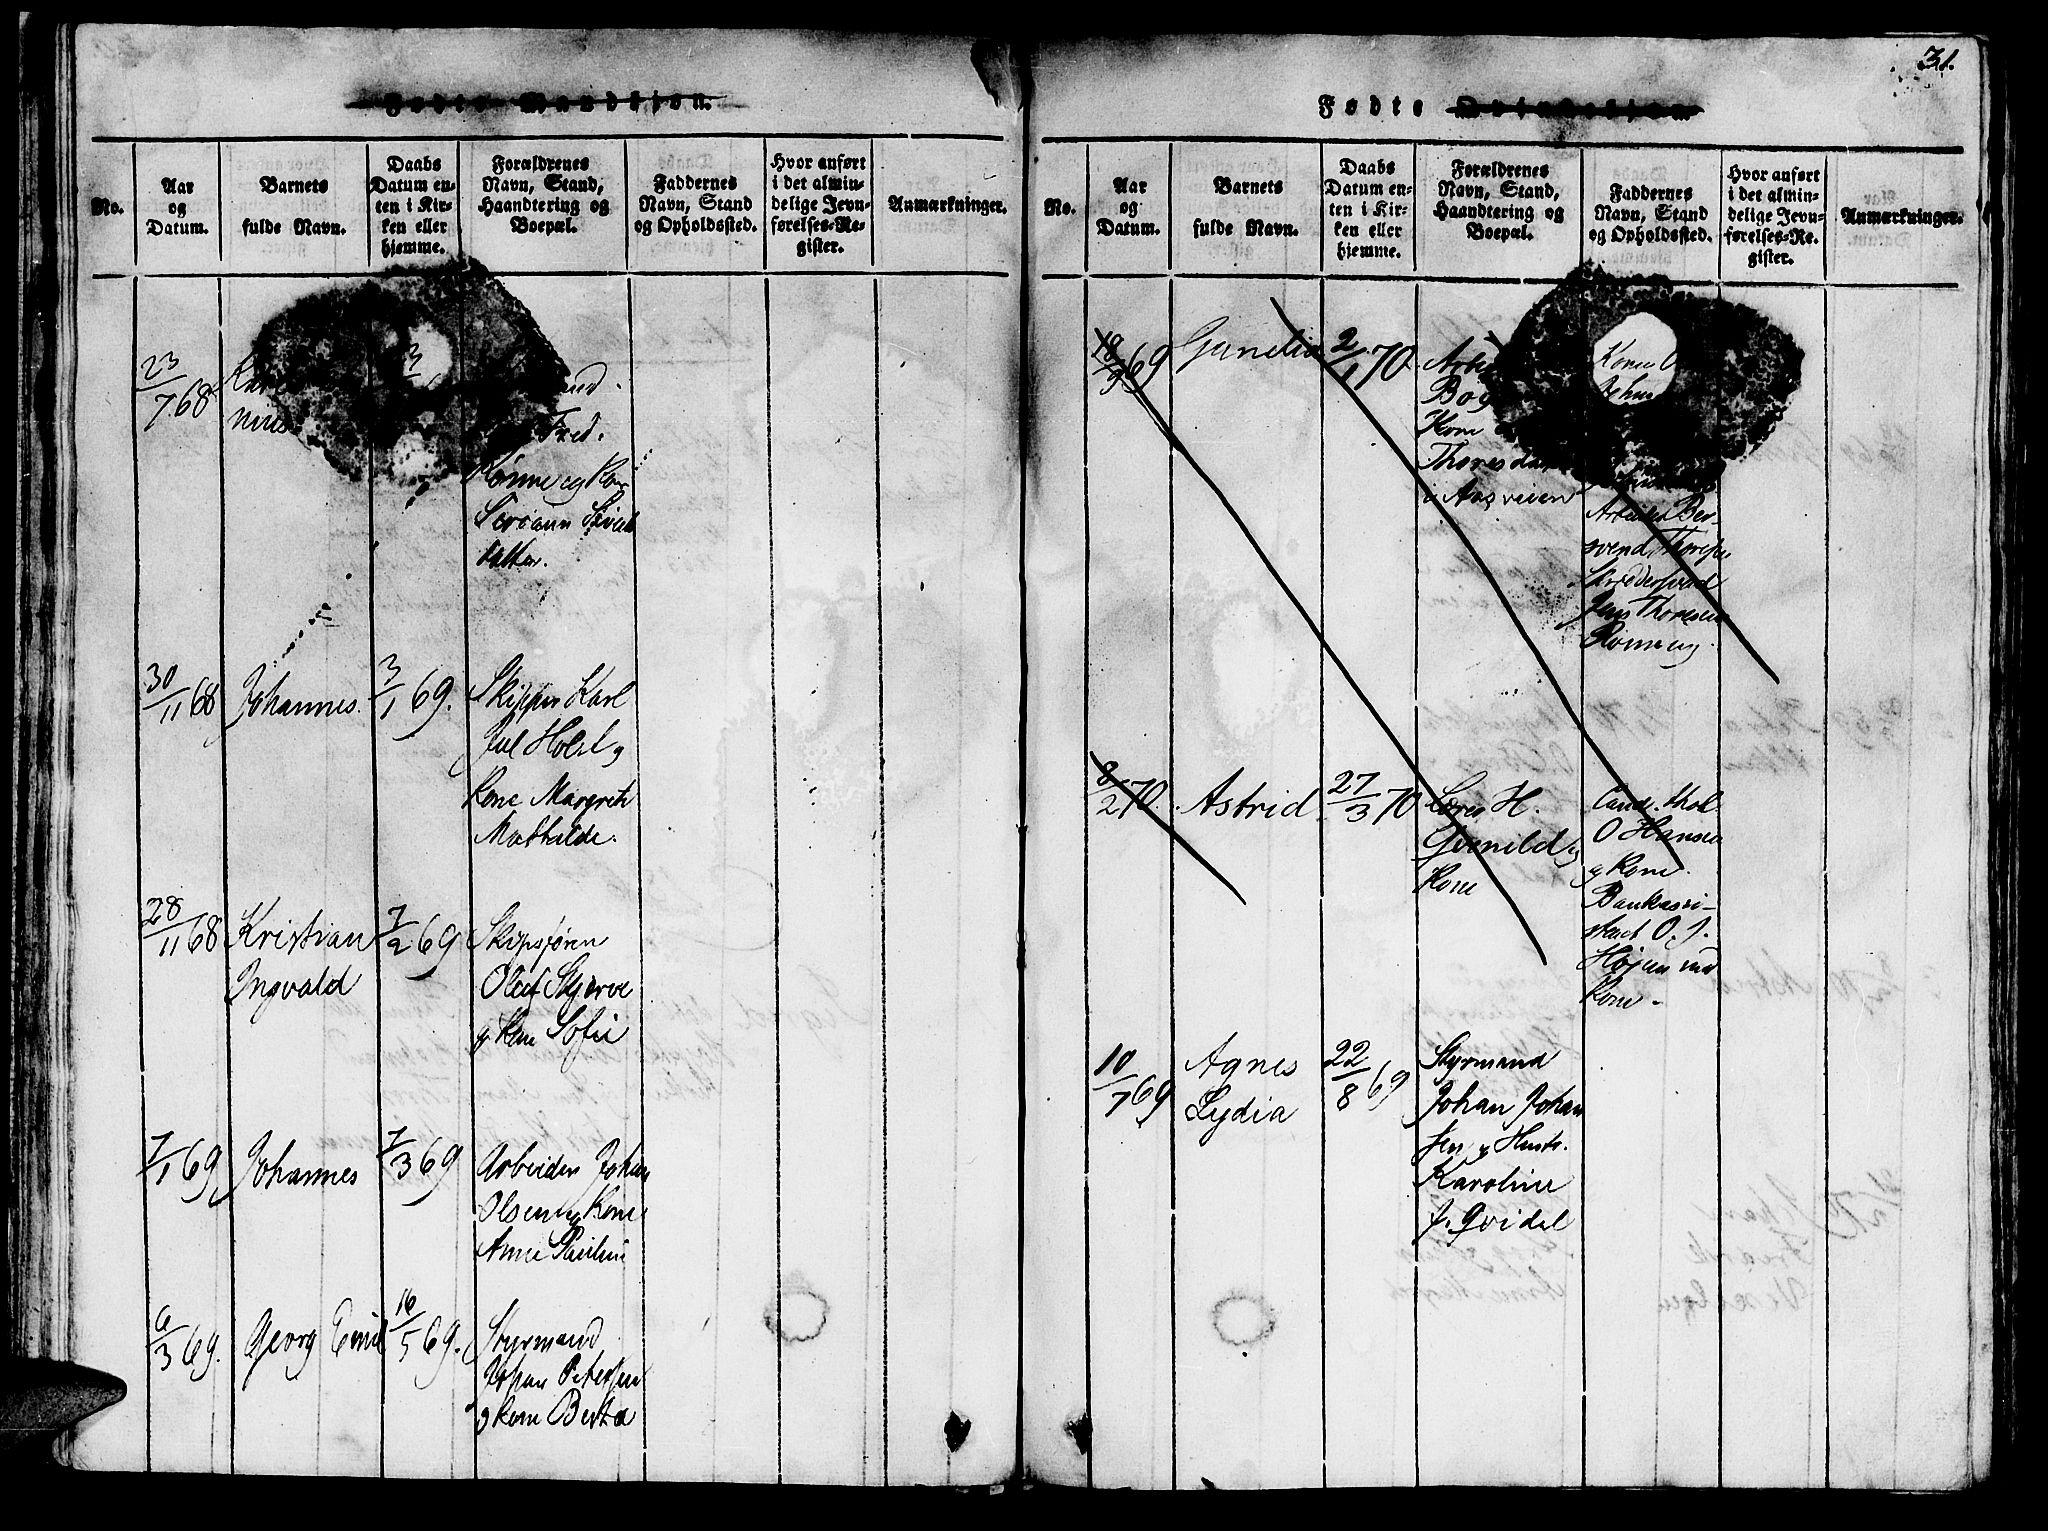 SAT, Ministerialprotokoller, klokkerbøker og fødselsregistre - Sør-Trøndelag, 623/L0478: Klokkerbok nr. 623C01, 1815-1873, s. 31